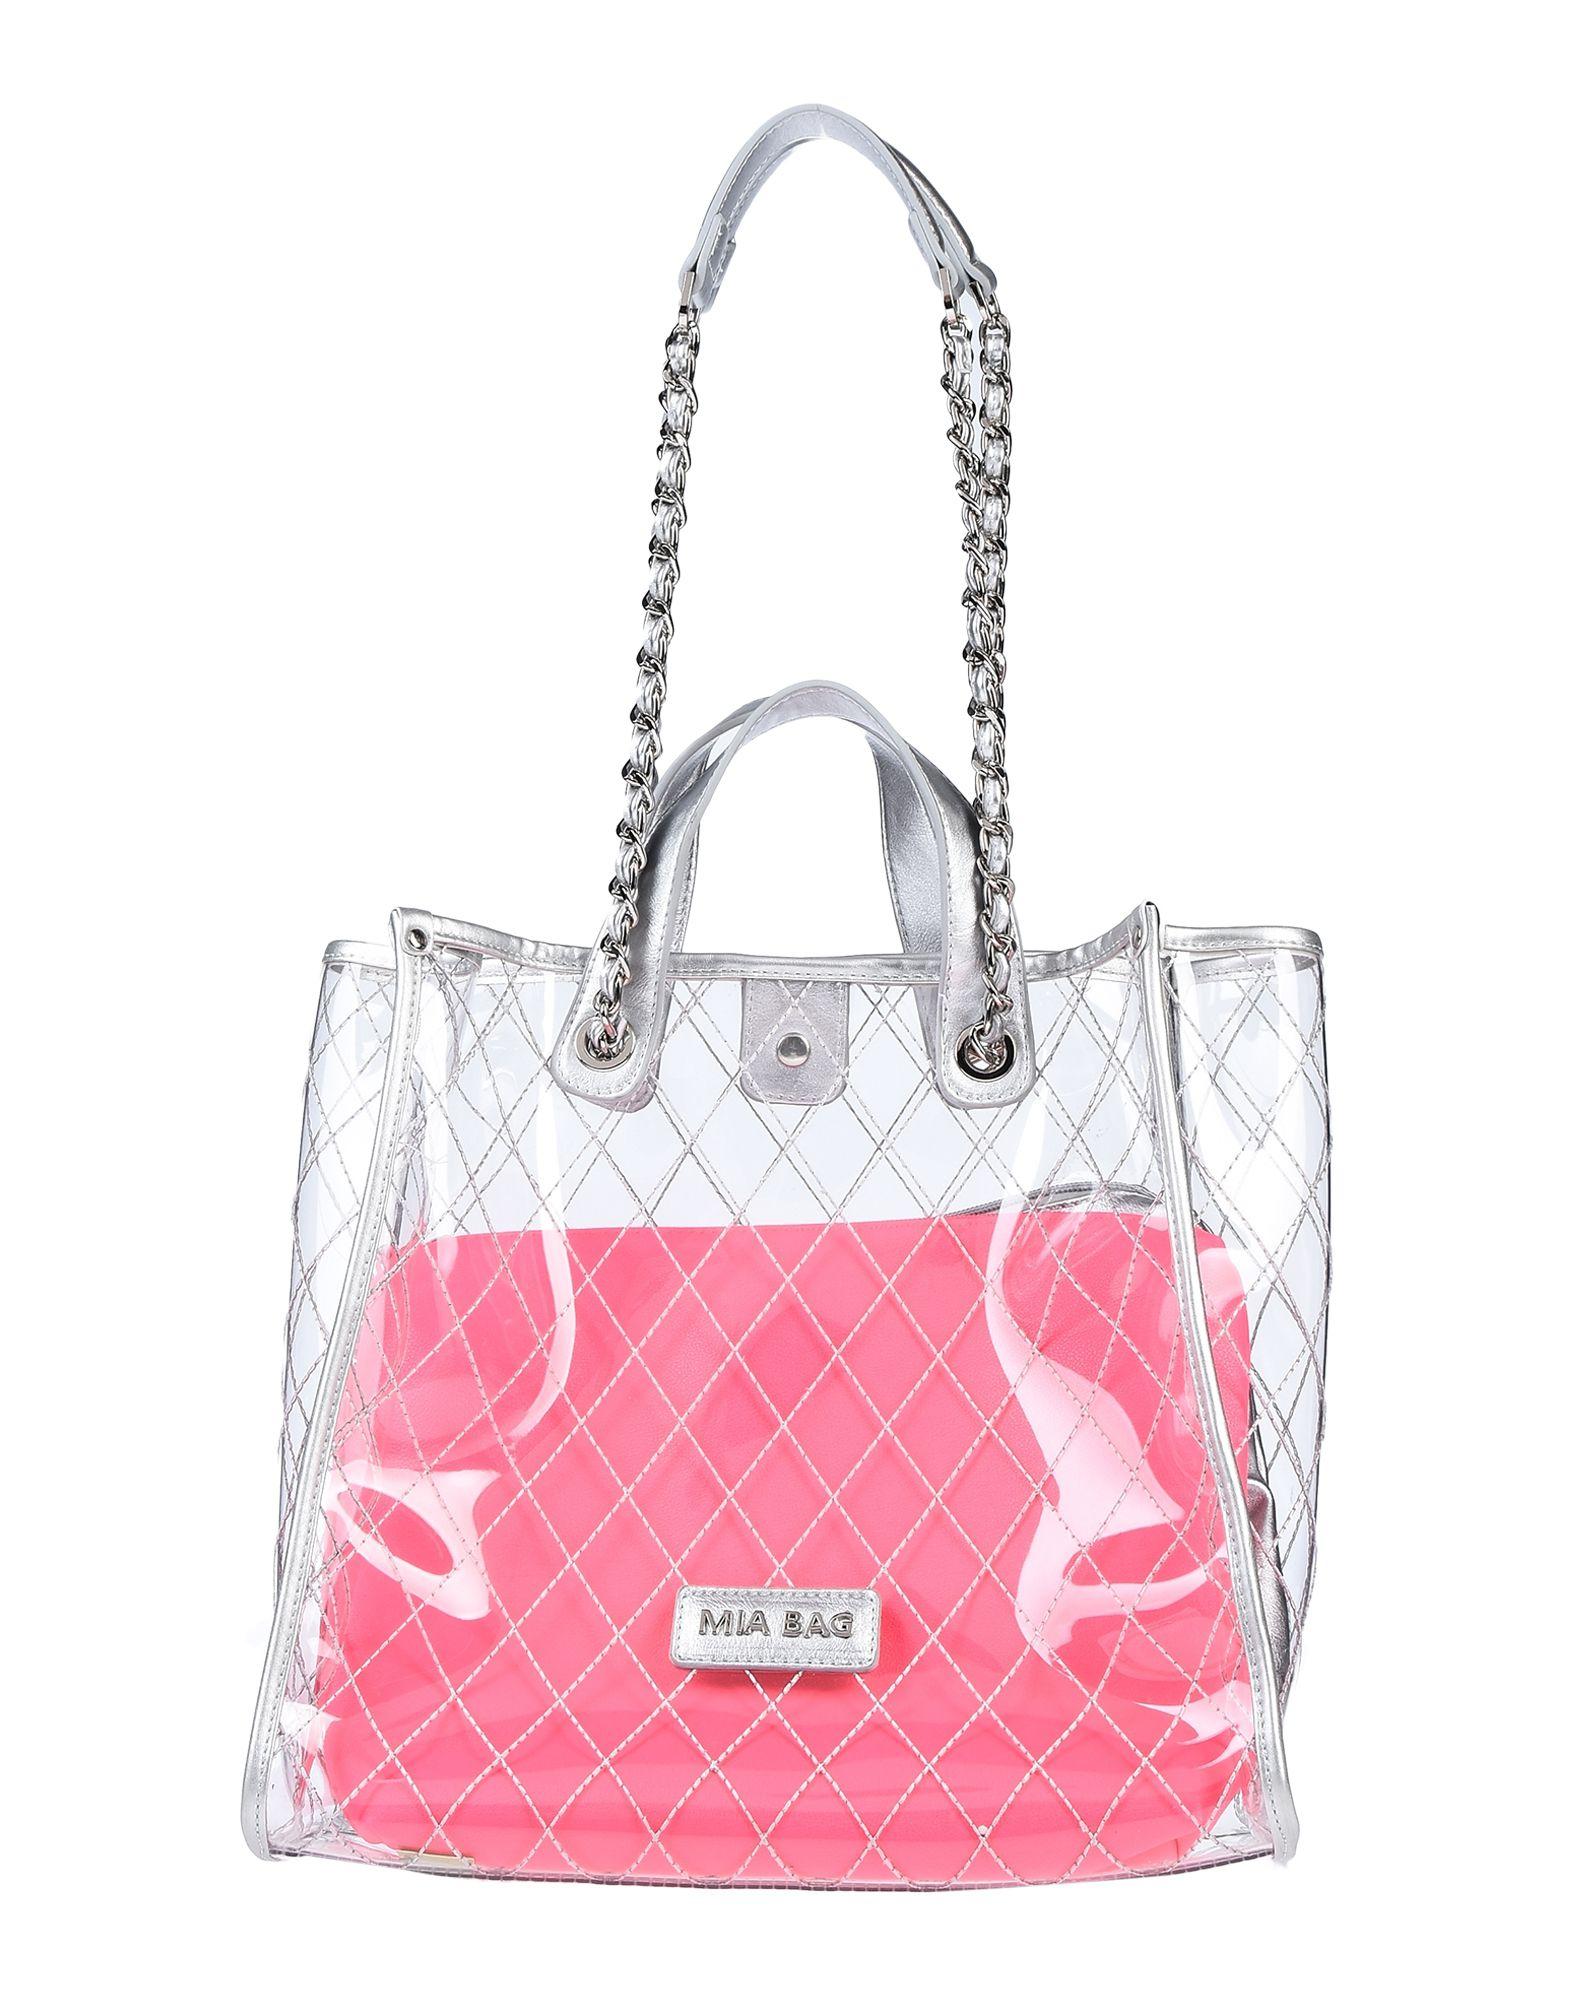 MIA BAG Сумка на руку сумка oboly obl047 2015 drew bag page 3